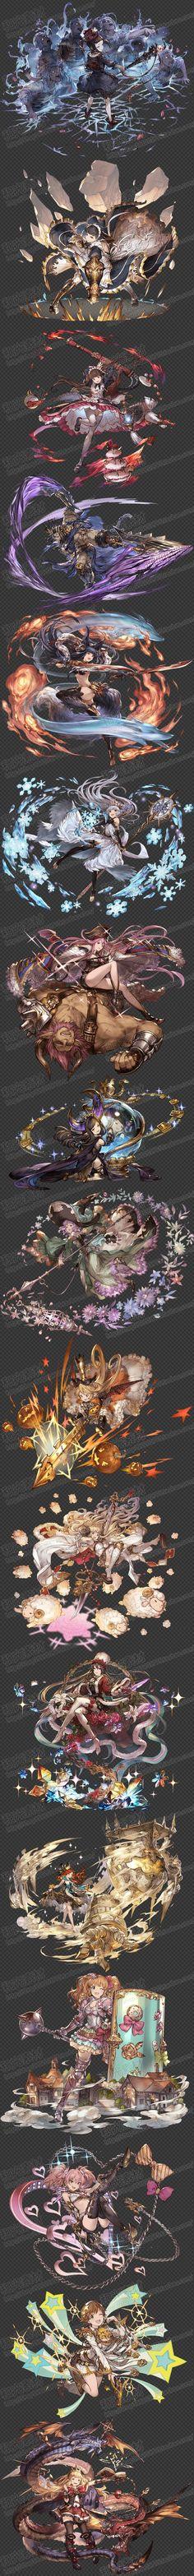 游戏原画素材/碧蓝幻想画集立绘/人物角色设定/怪物/场景/PNG透明-淘宝网全球站